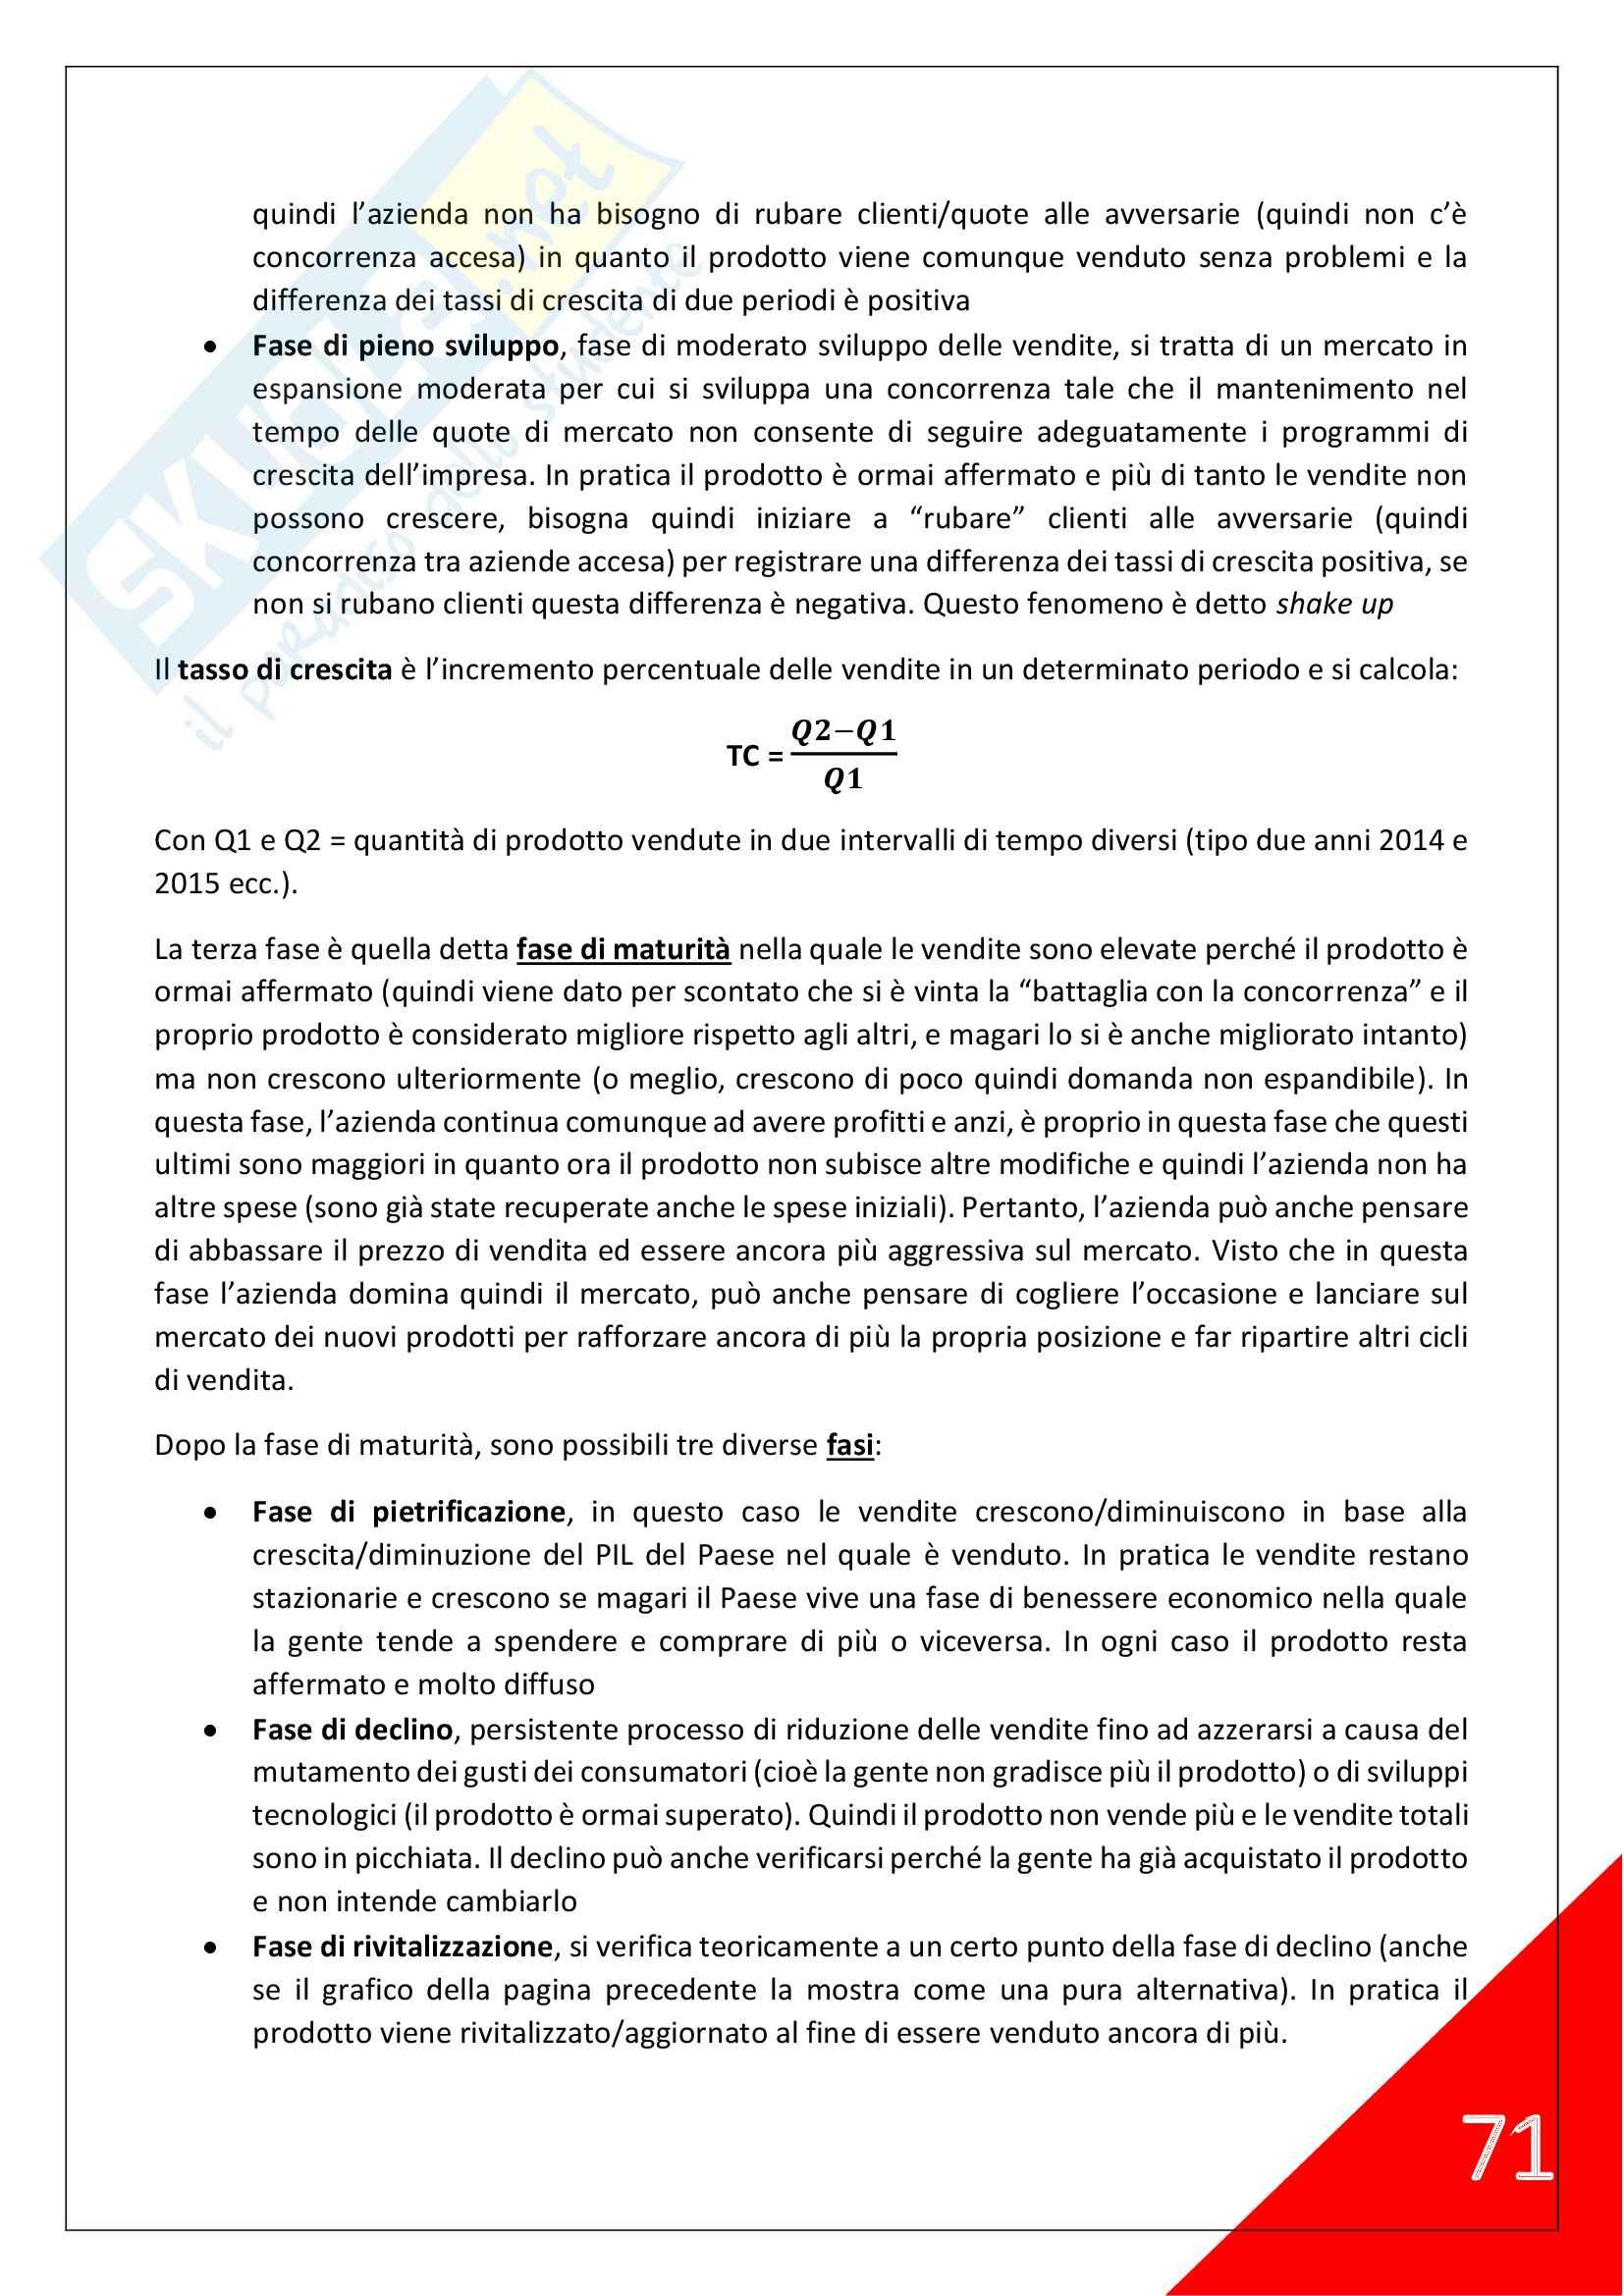 Economia e Gestione delle Imprese - 2° Anno Scienze Motorie Pag. 71